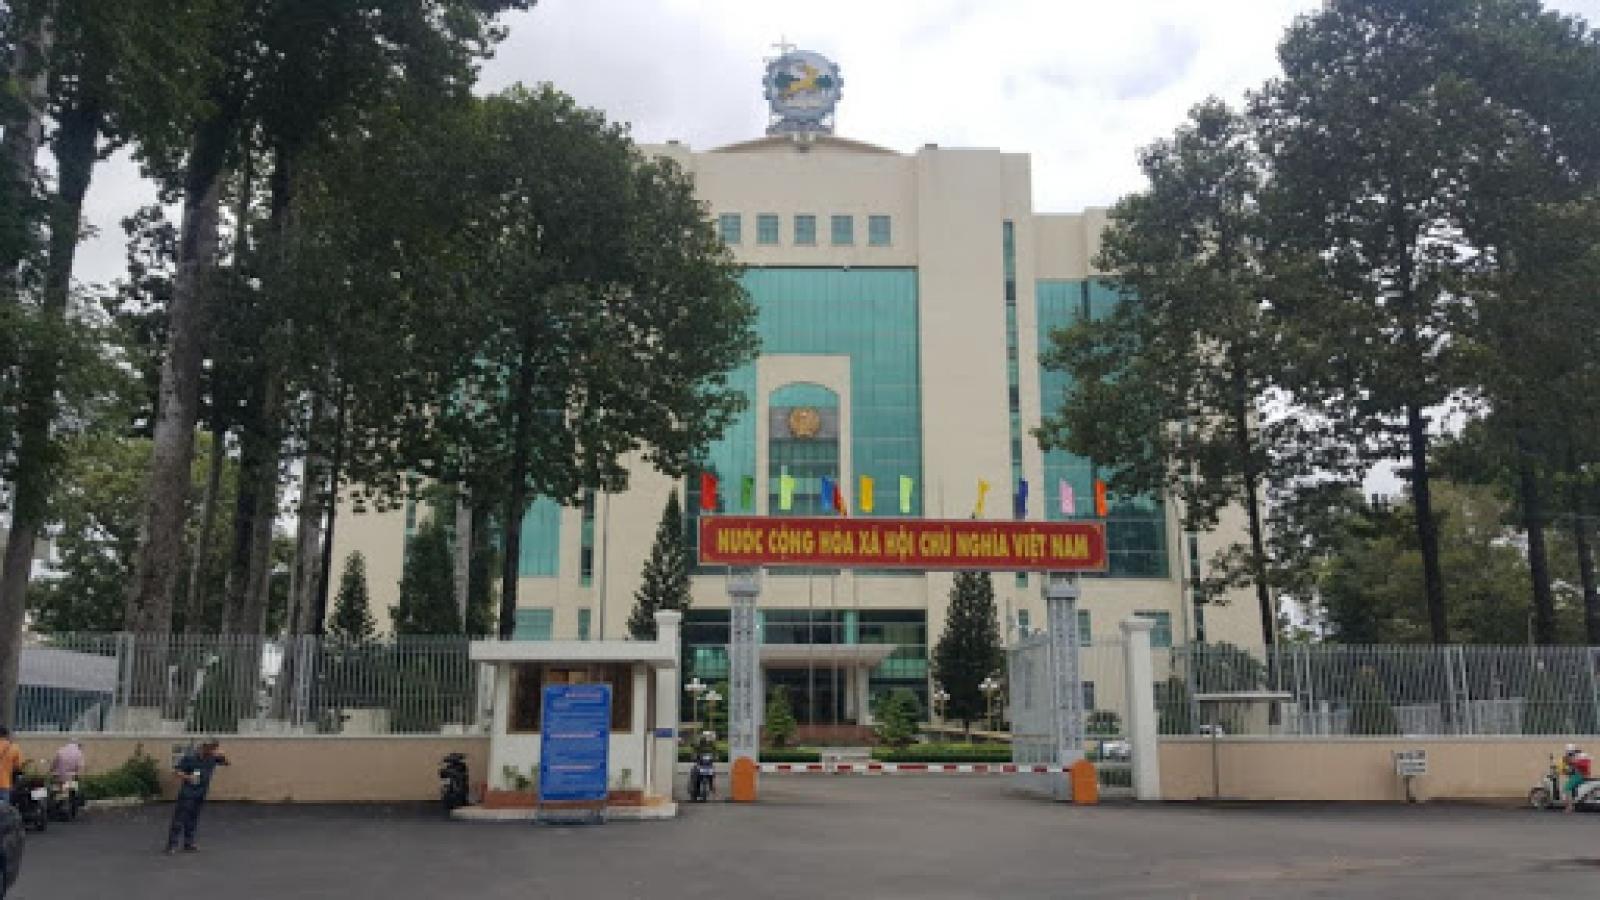 Đồng Nai chỉ đạo xử lý nghiêm điểm tụ tập đông người tại TP.Long Khánh